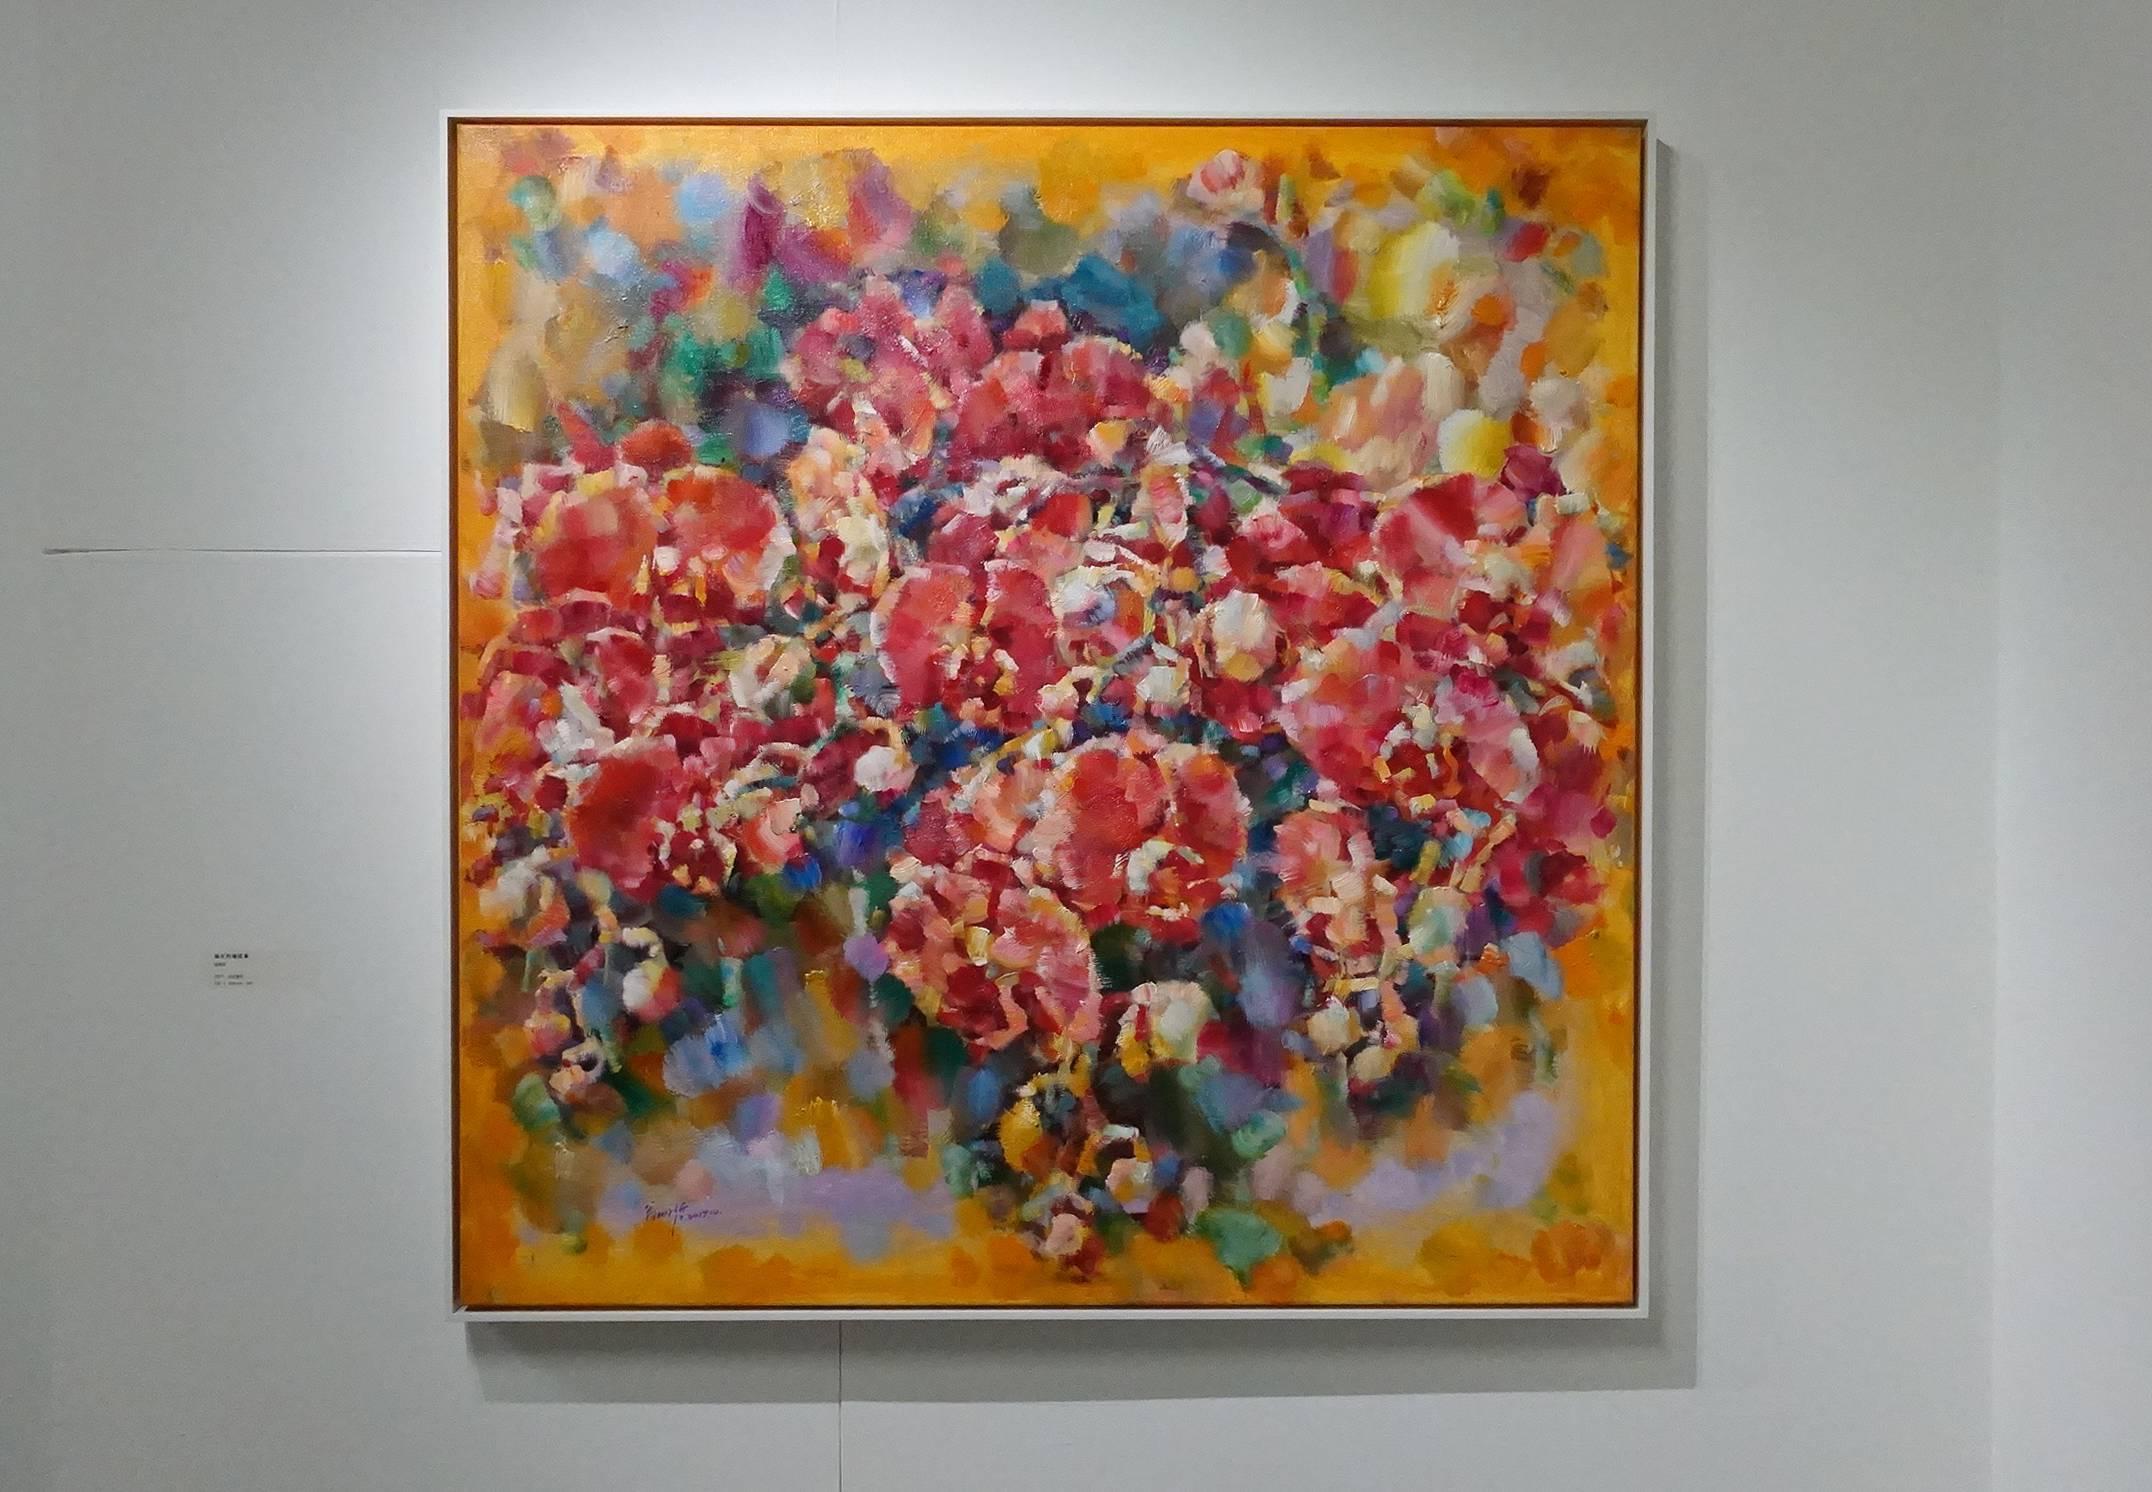 翁明哲作品《融化的蝴蝶蘭》,2017年。